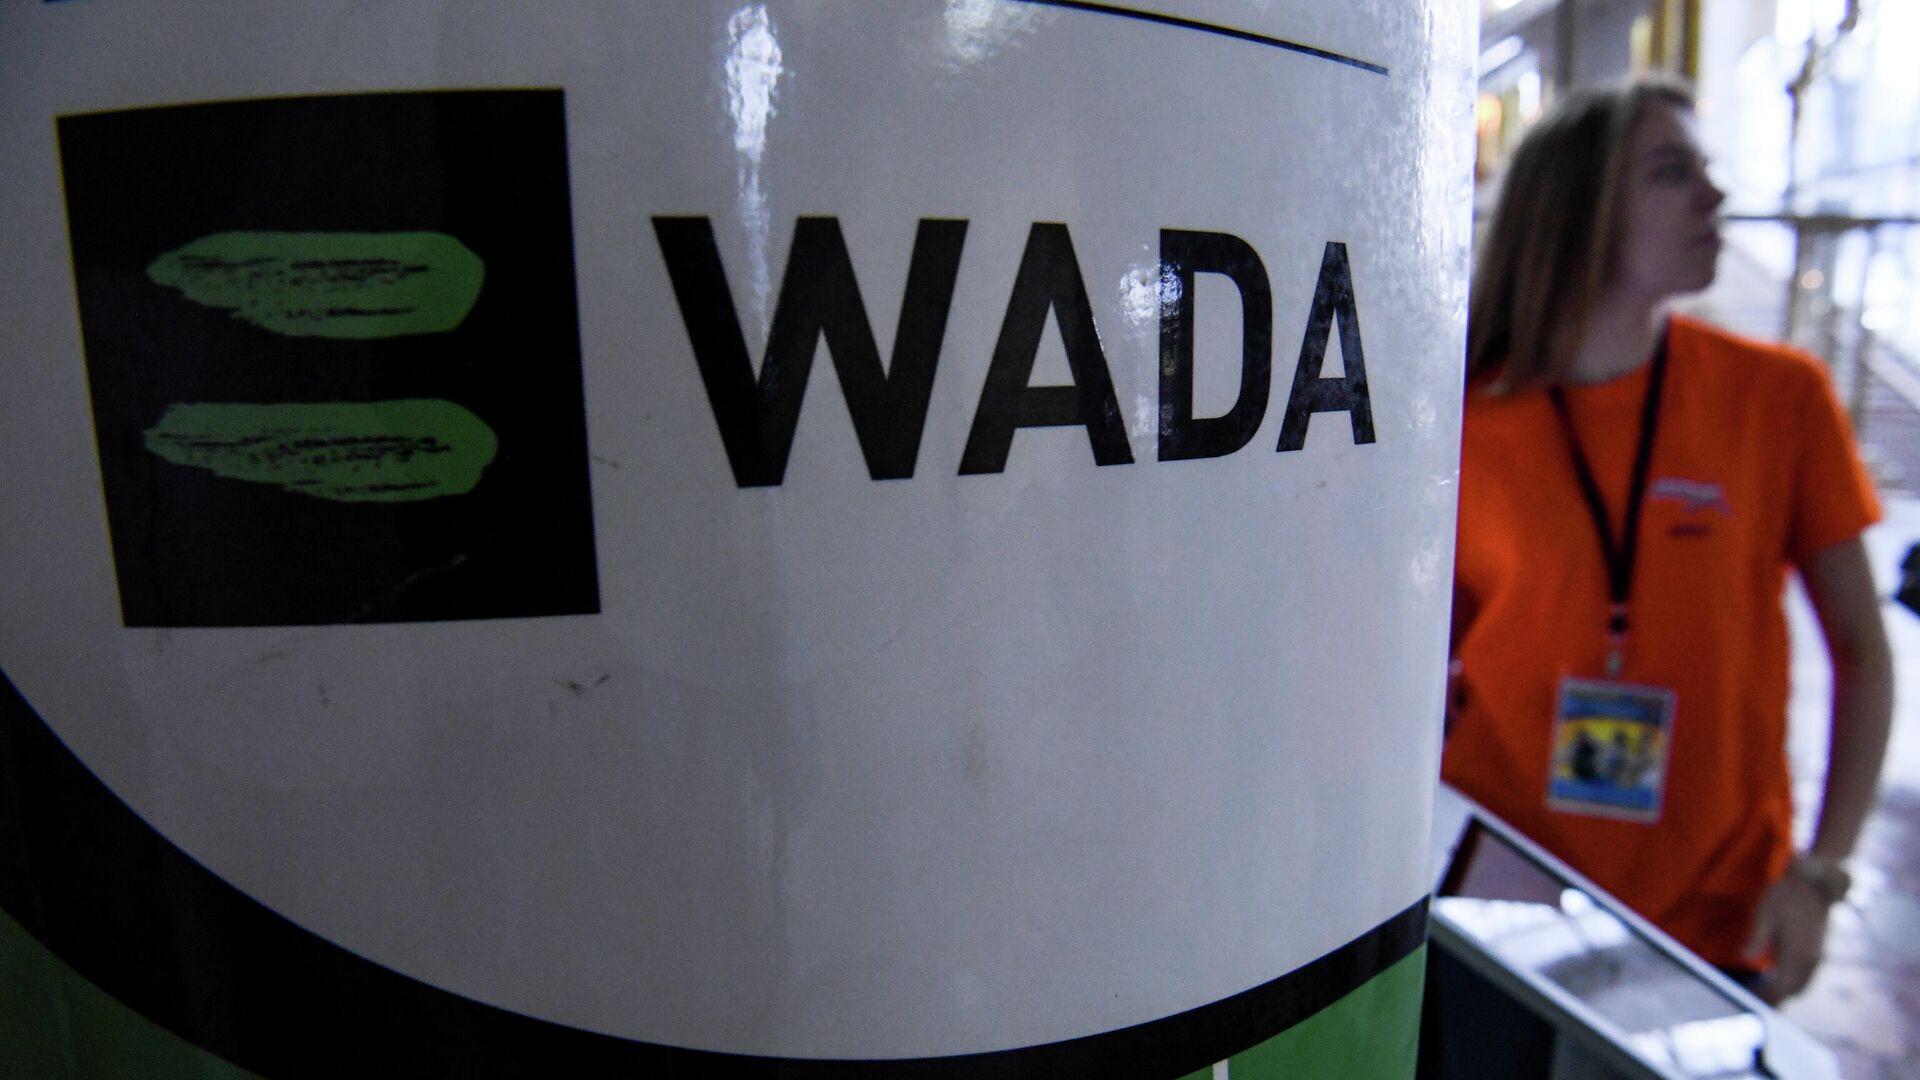 Всемирное антидопинговое агентство (WADA) - РИА Новости, 1920, 17.12.2020